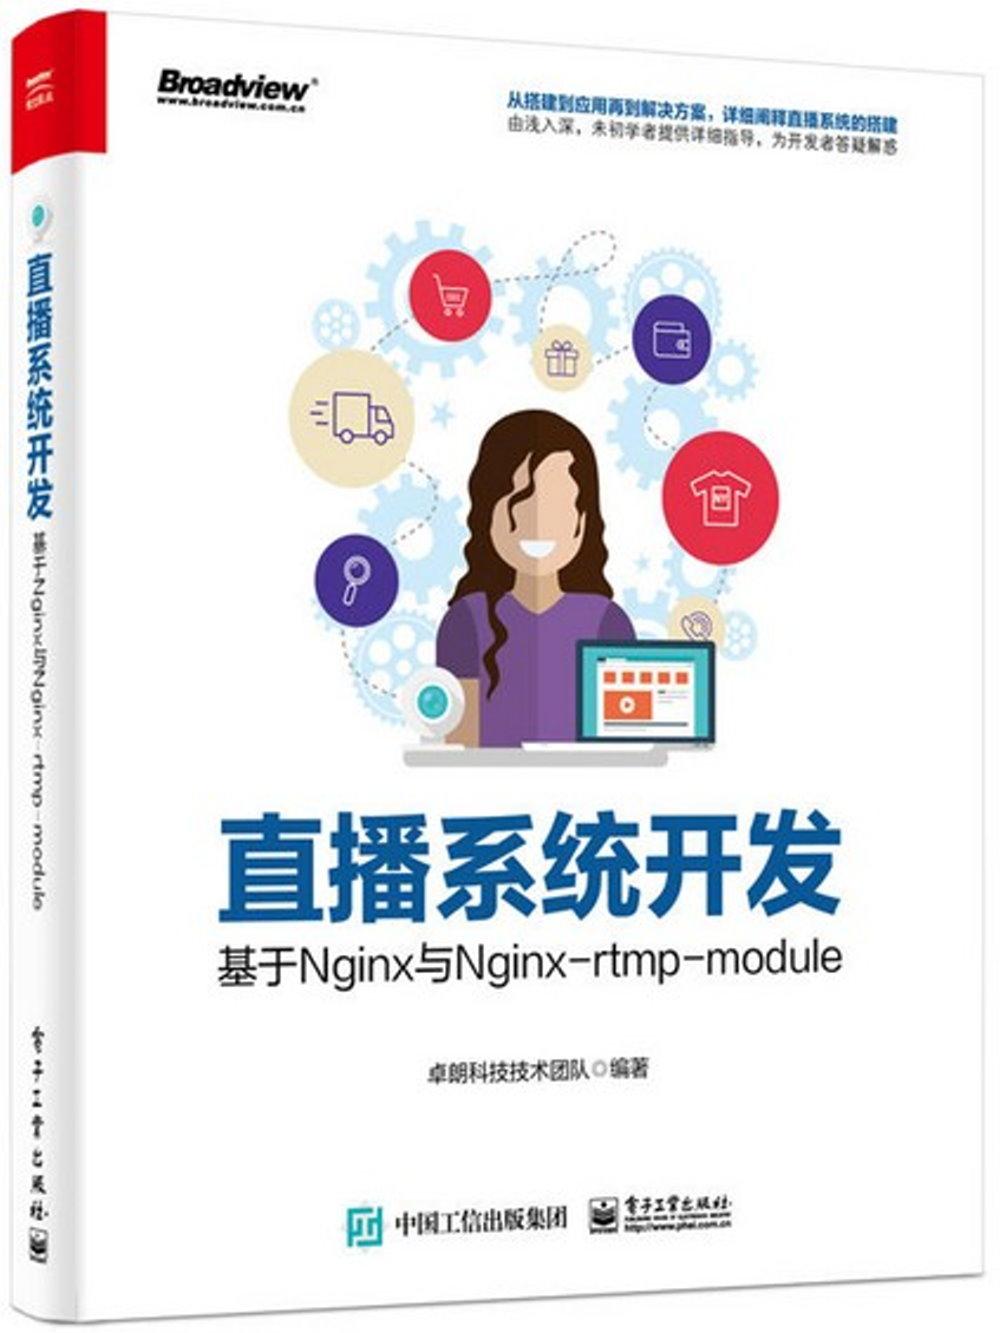 直播系統開發:基於Nginx與Nginx-rtmp-module